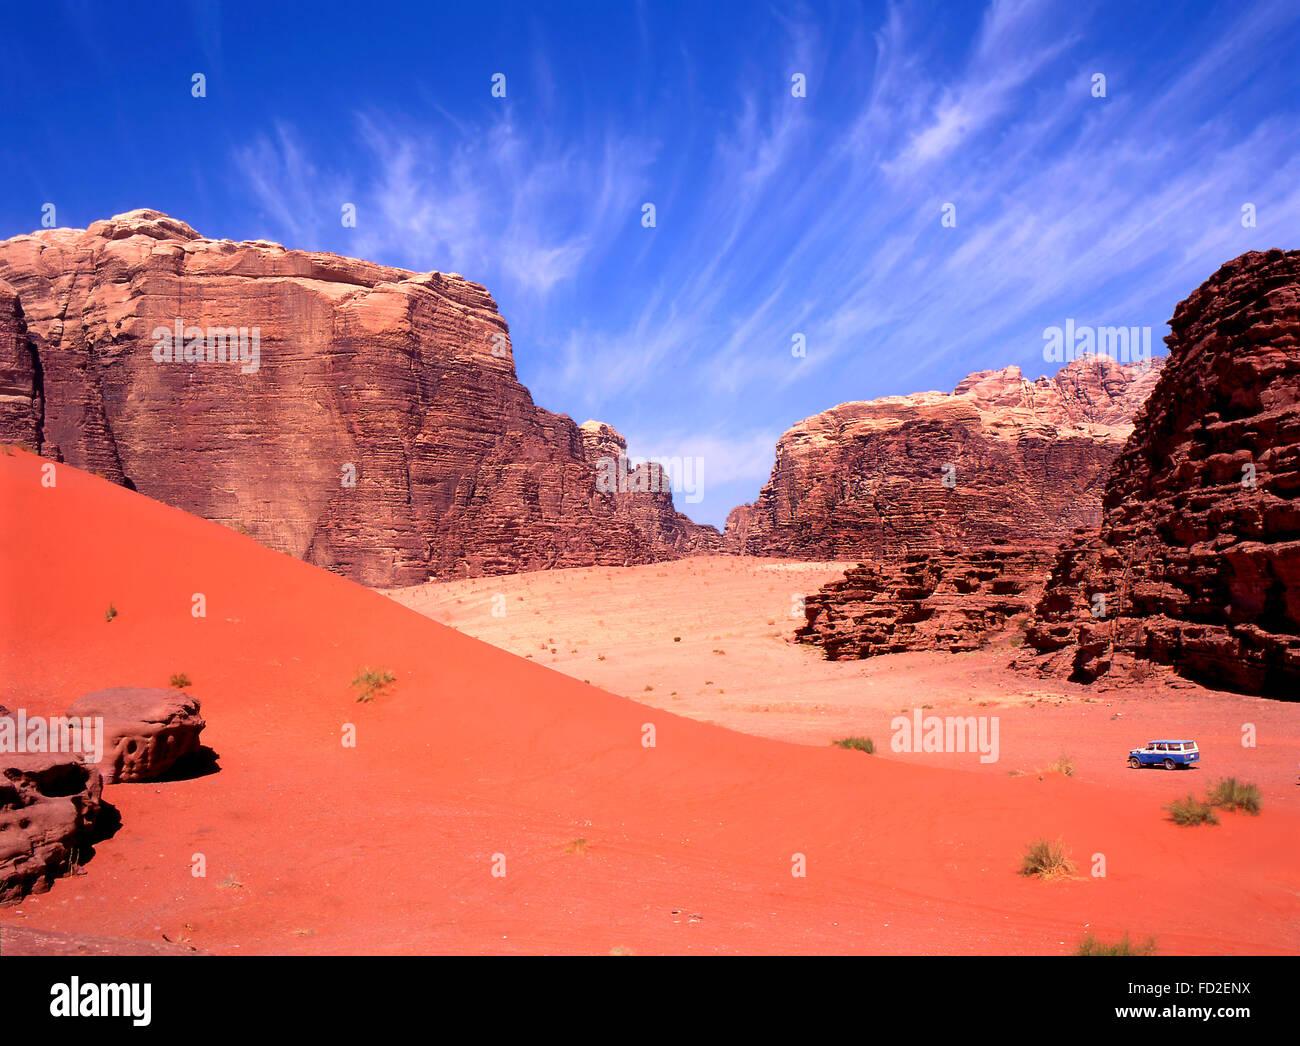 Quatre roues motrices dans le Wadi Rum, Jordanie. Ciel bleu s'estompe et sable rouge avec les touristes en 4 Photo Stock